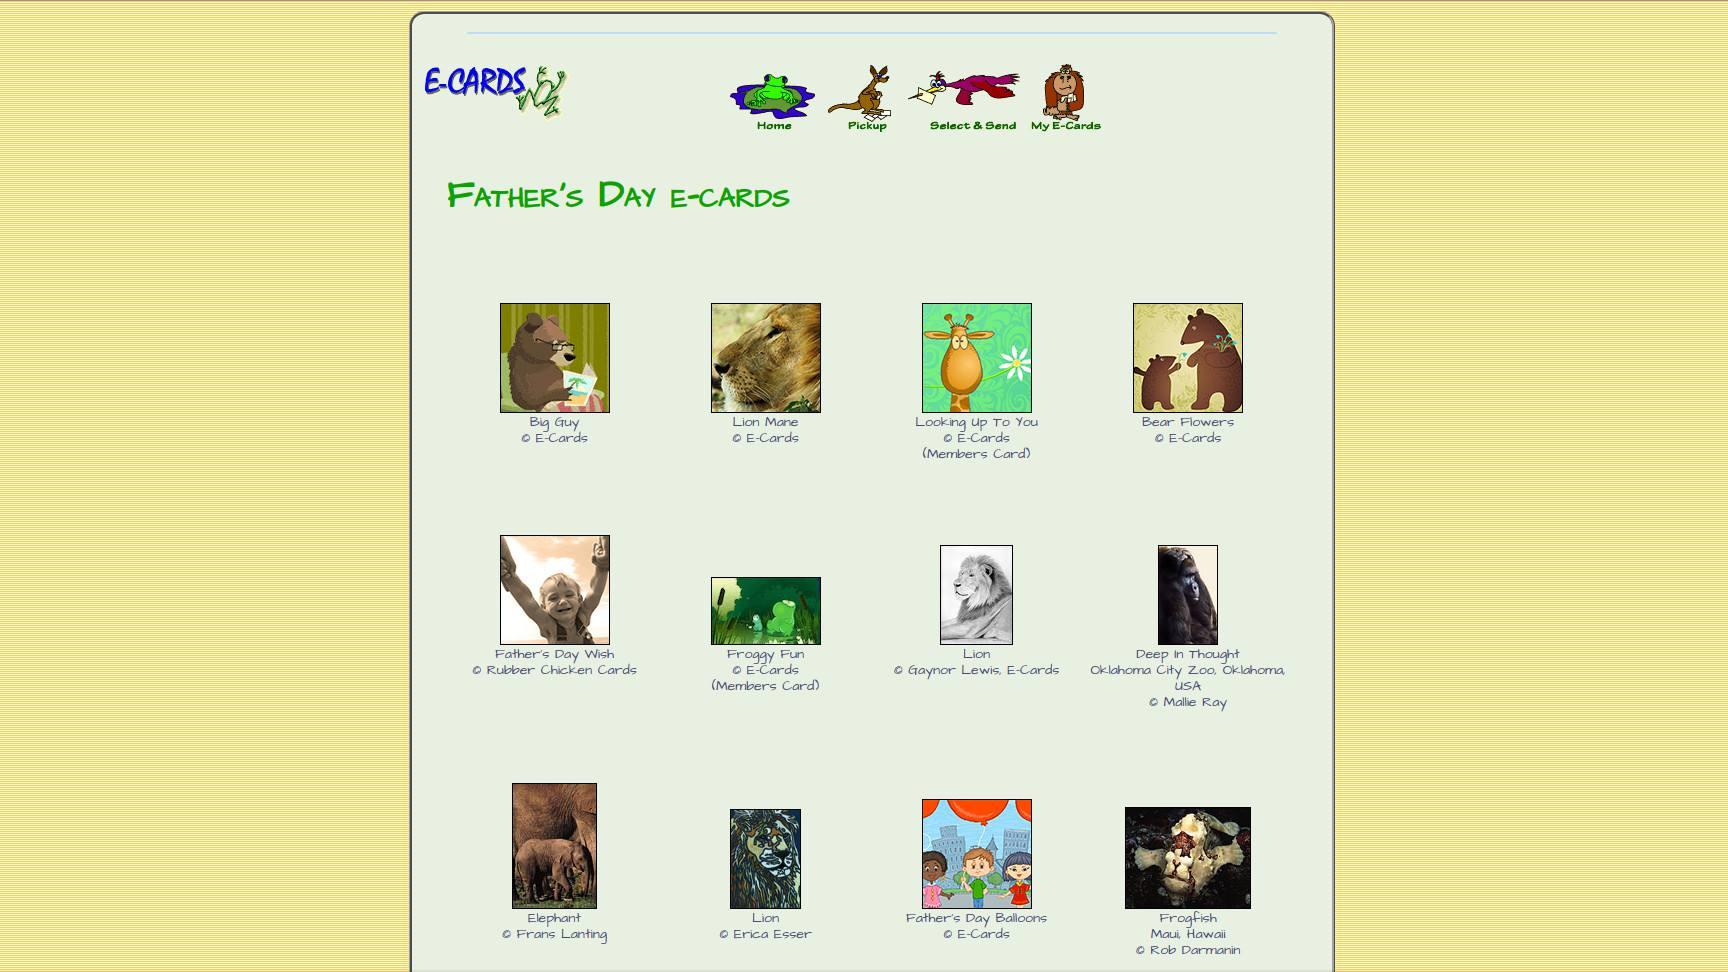 E-Cards web page